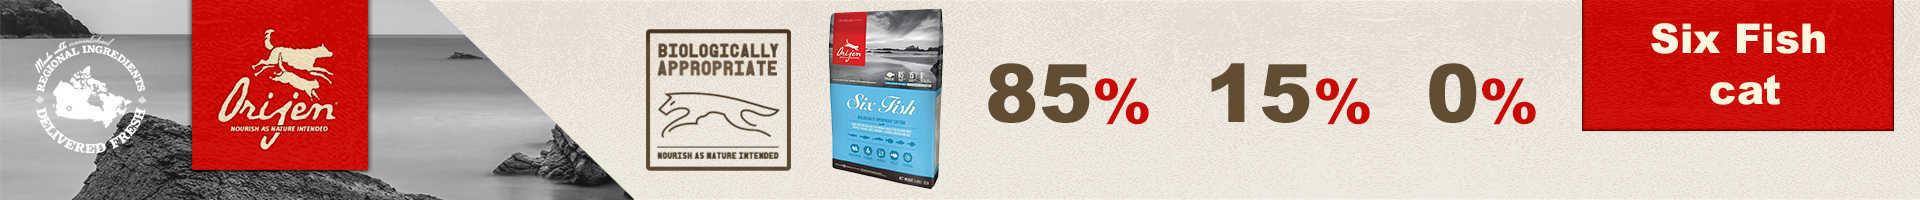 Orijen 6 fish cat, para gatos y gatitos con sardinas, merluza y caballa